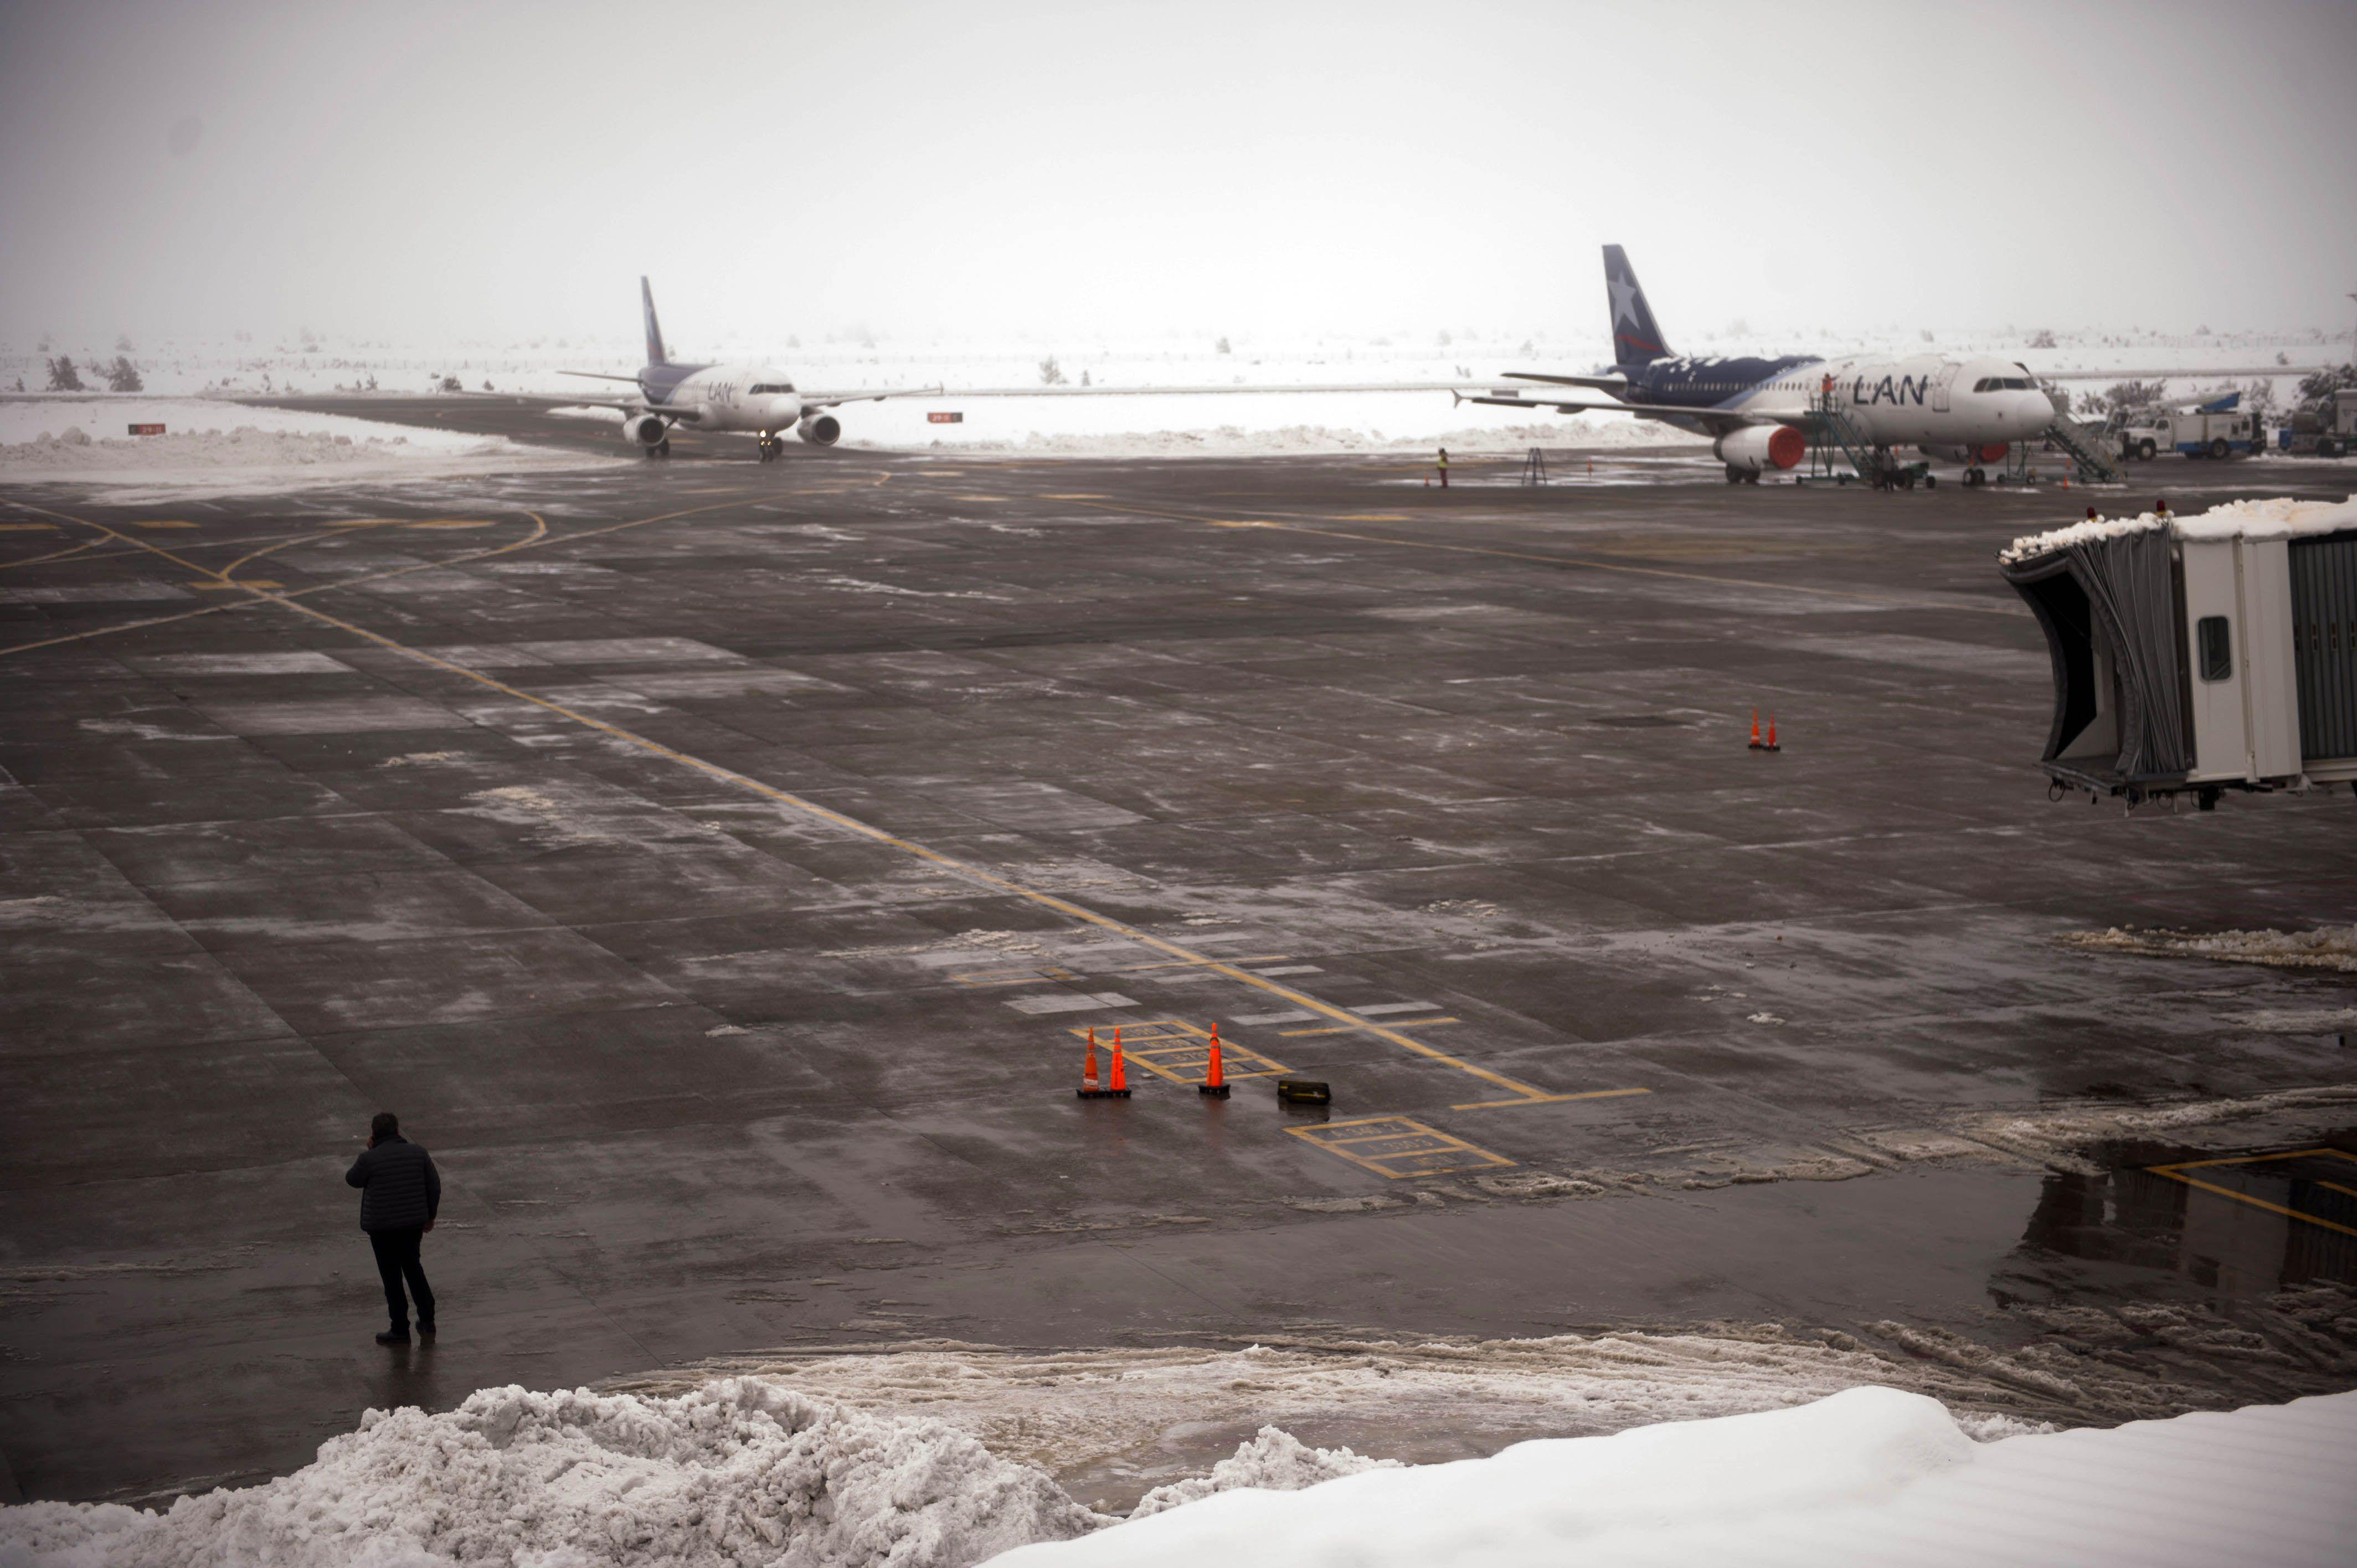 Siguen bajo cero las temperaturas en Bariloche: hay problemas con los vuelos y en las rutas